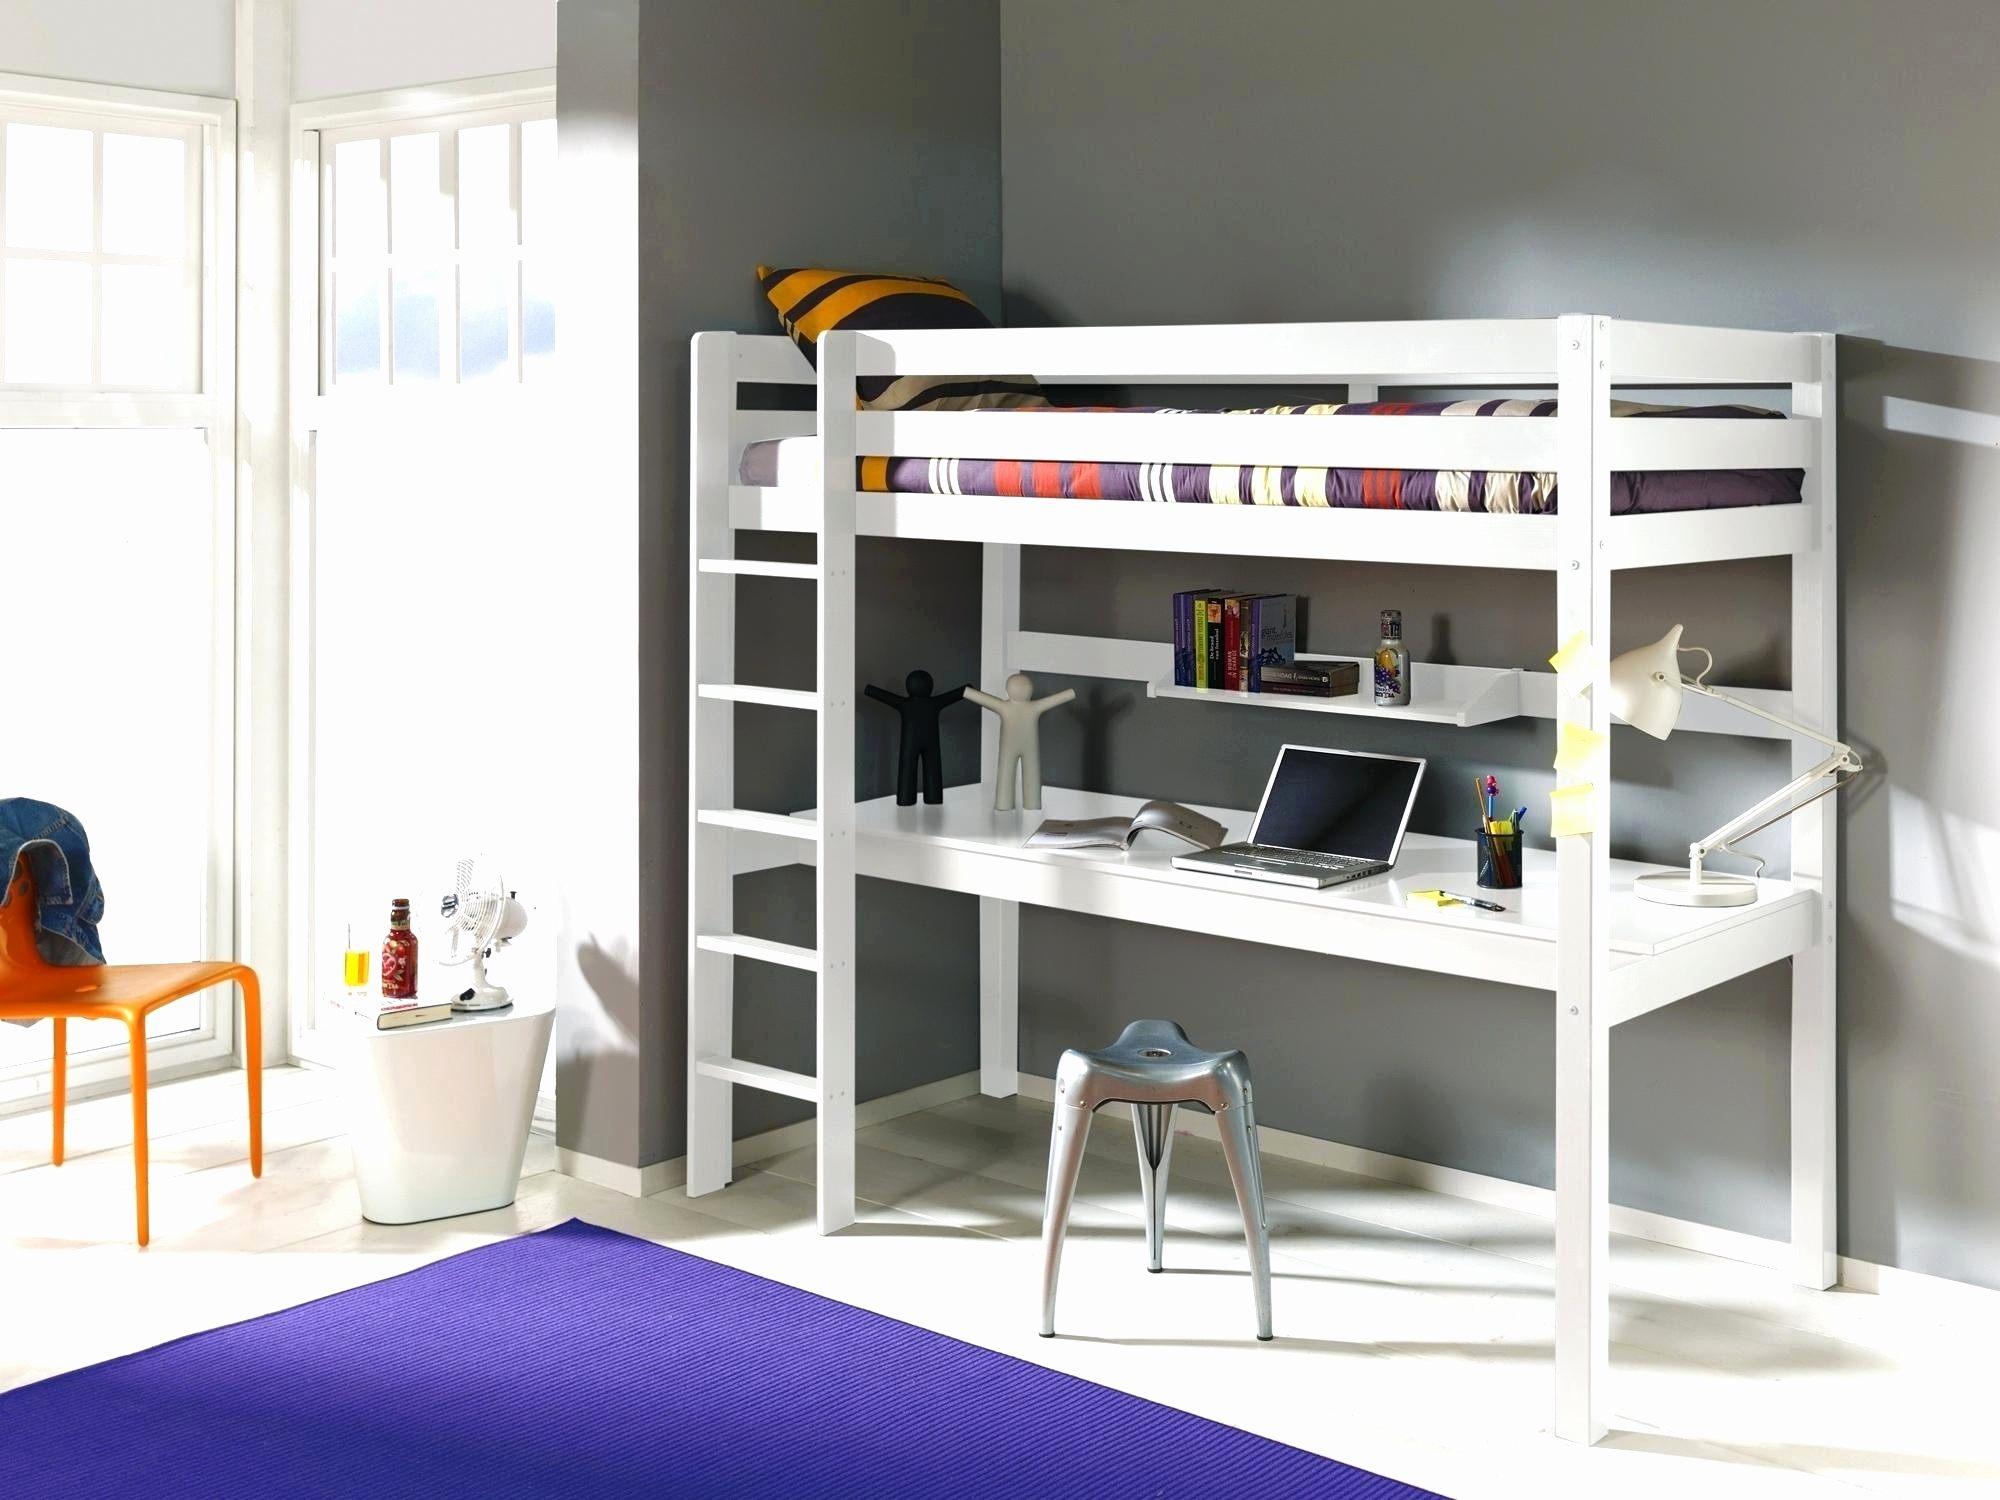 Lit Mezzanine Pas Cher Frais Lit Mezzanine Haut Chambre Mezzanine Adulte Beau Mezzanine Salon 0d